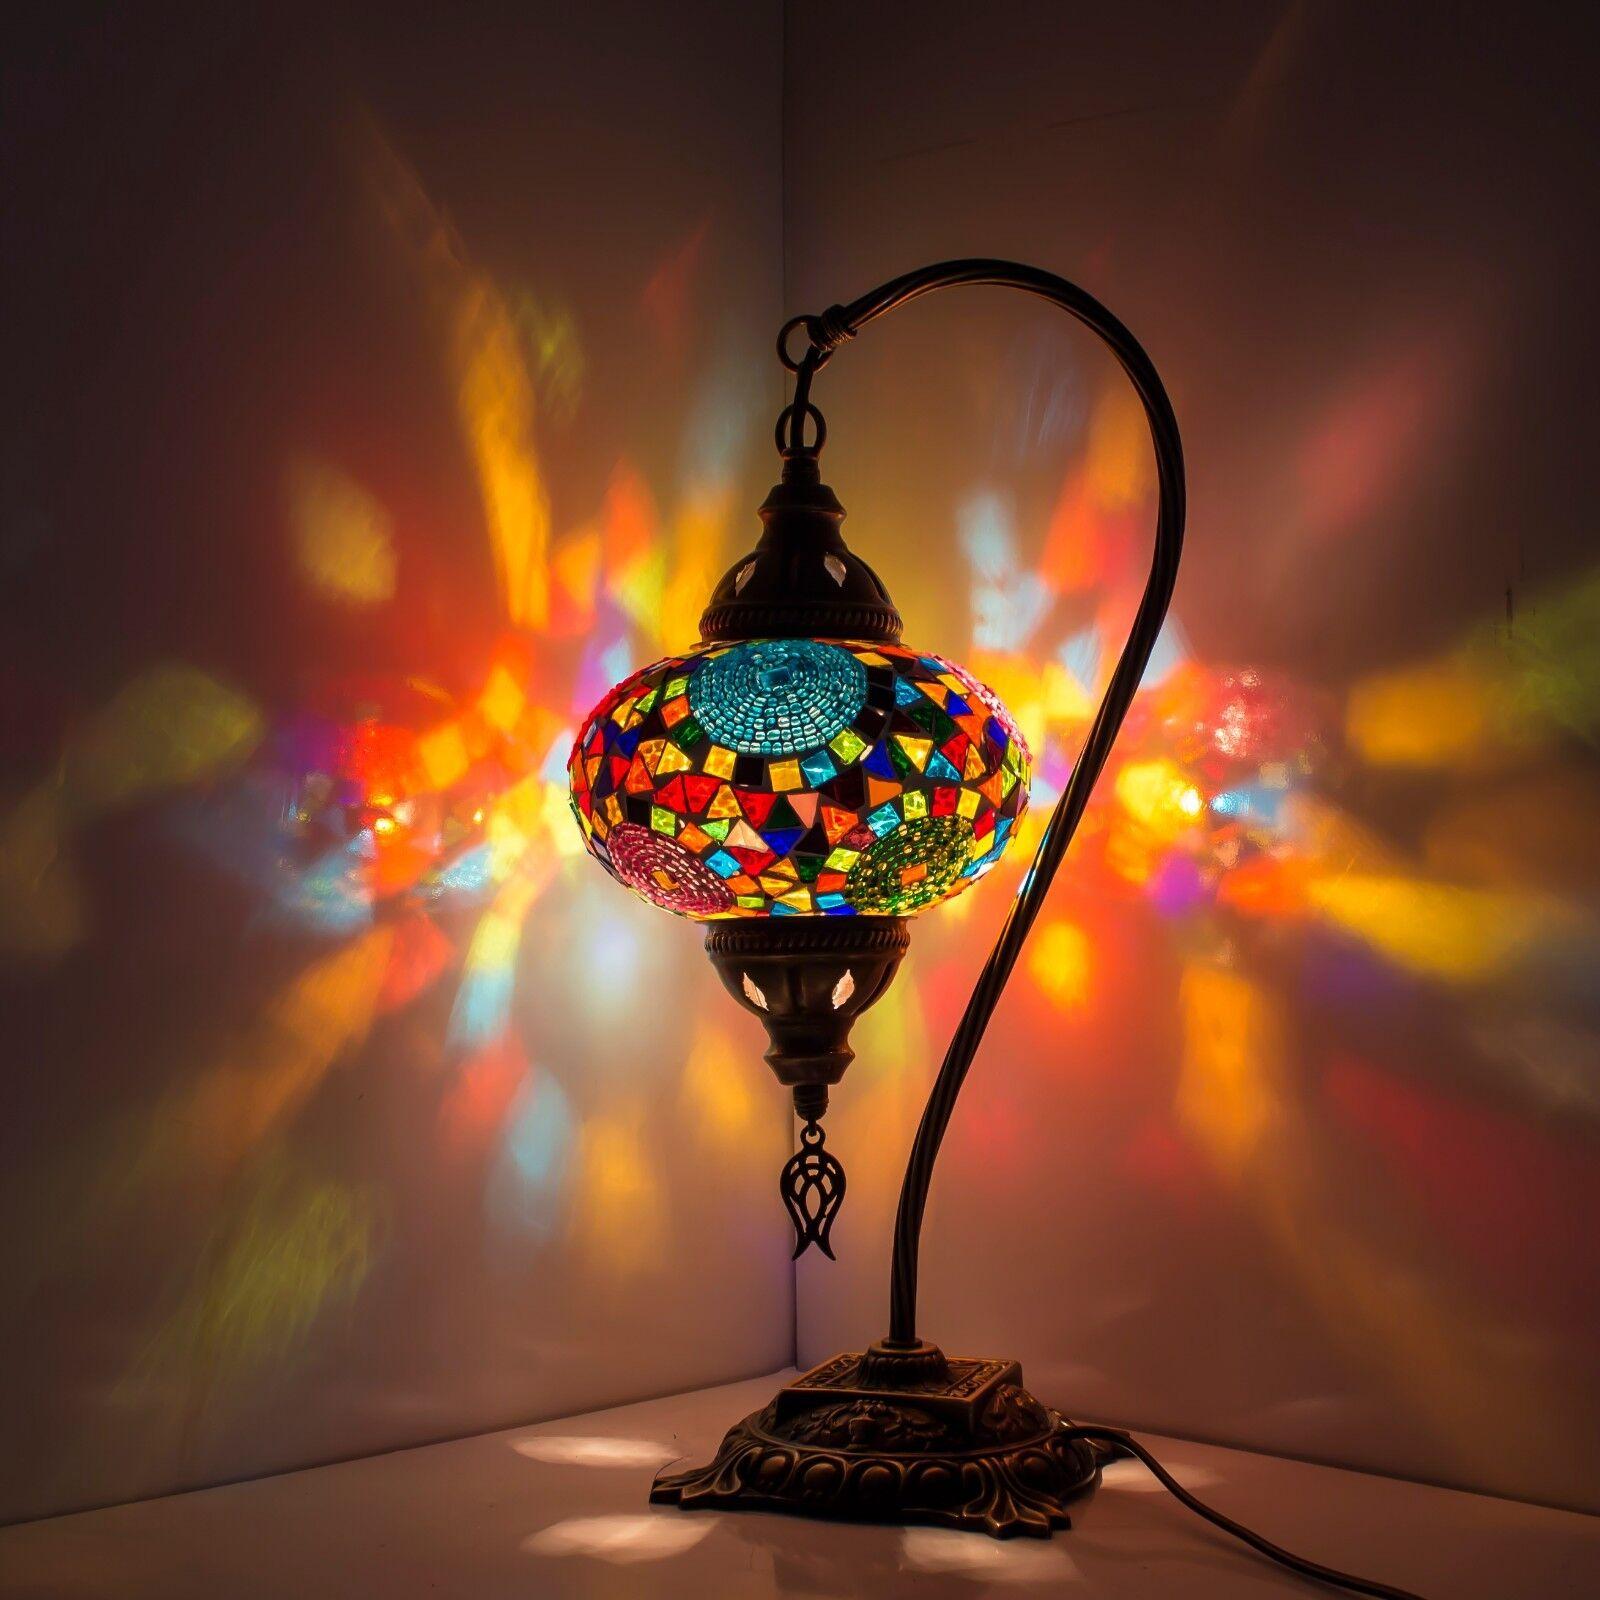 4 x Handmade Multicolore turc style marocain Mosaïque Mosaïque marocain Bureau Lampe De Table L Globe cb8055